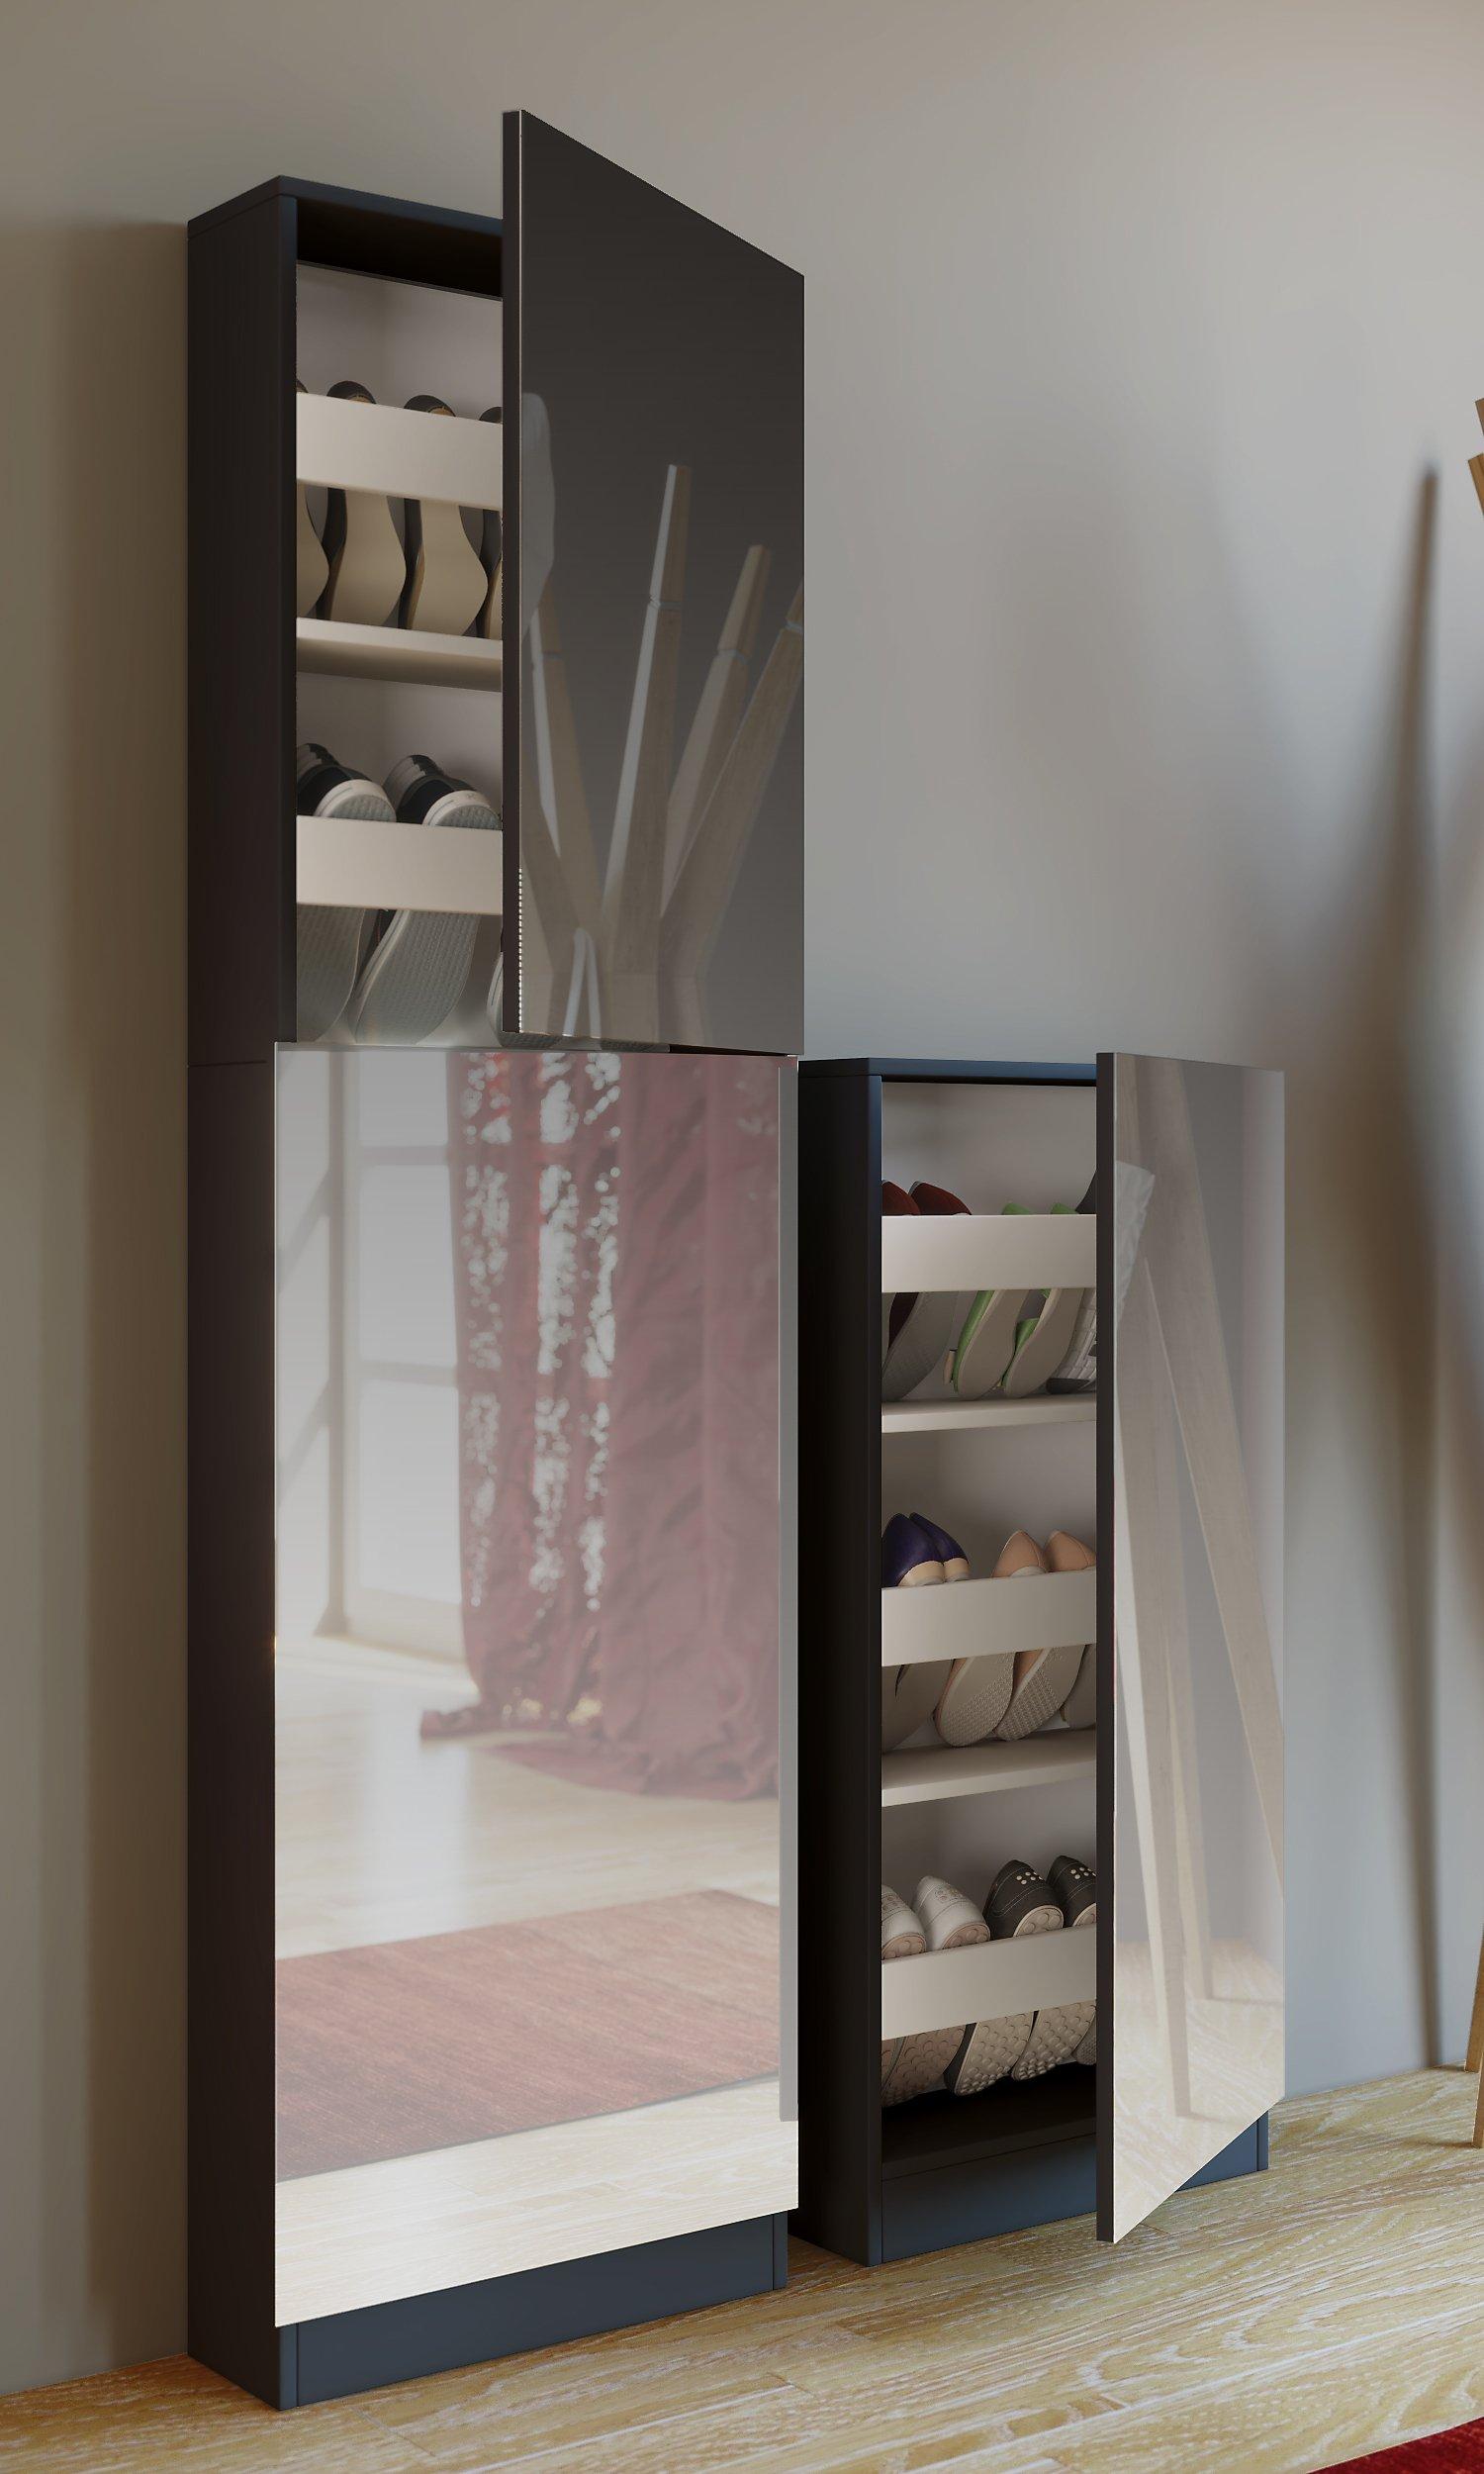 Vcm Schuhschrank Schuhregal Schuhkommode Spiegel Spiegeltür